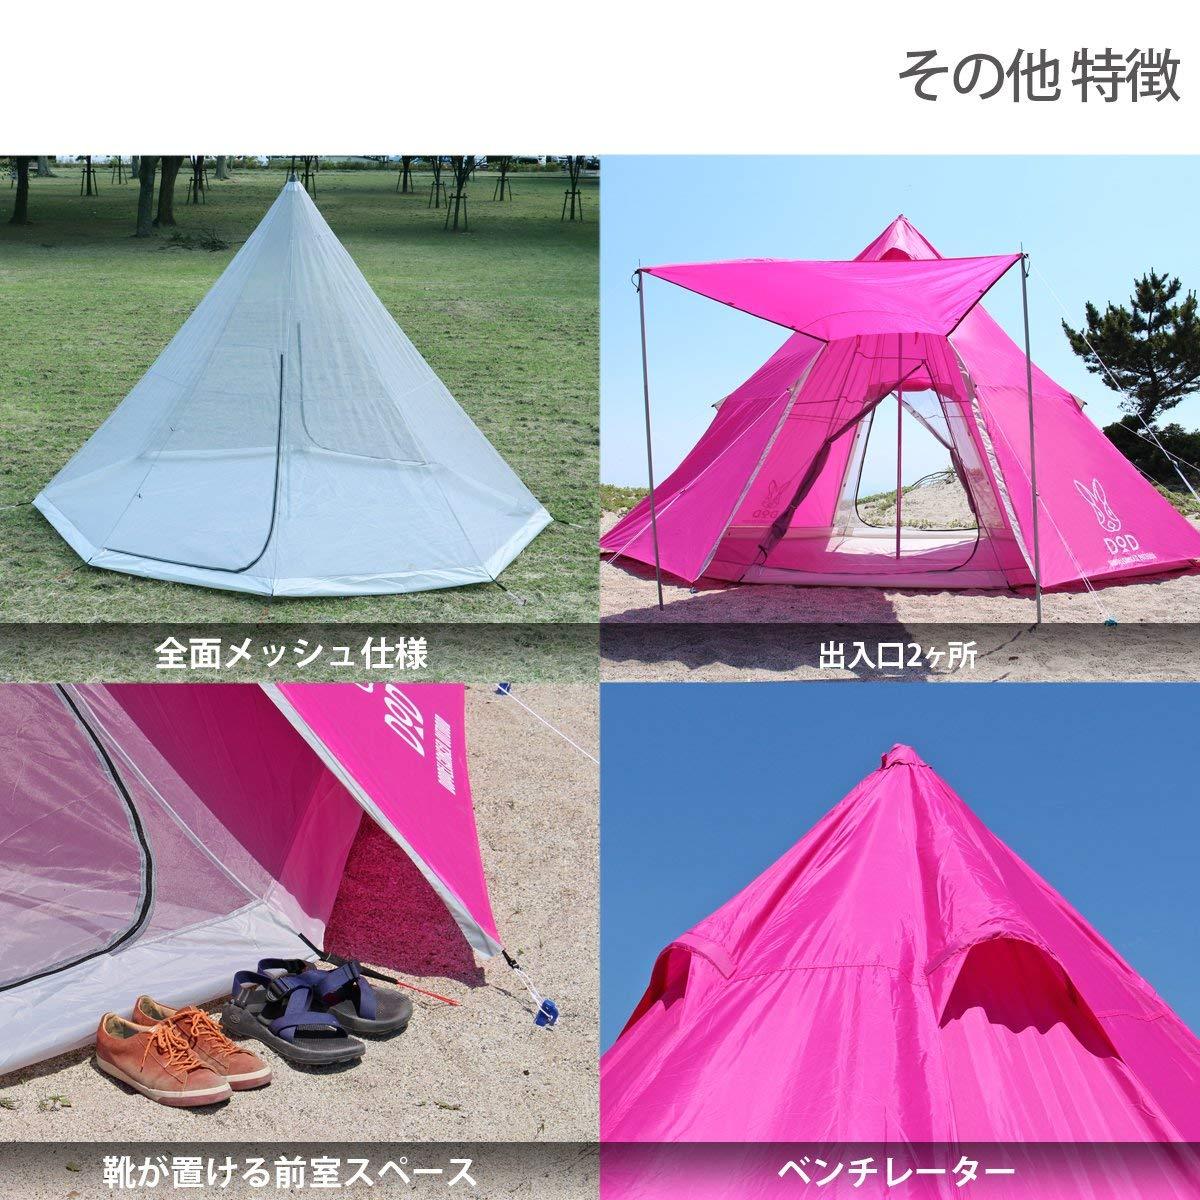 日本 DOPPELGANGER  / DOD 營舞者印地安八人帳 /  露營帳篷 / T8-200。1色-日本必買 日本樂天代購(25920*11)。件件免運 4